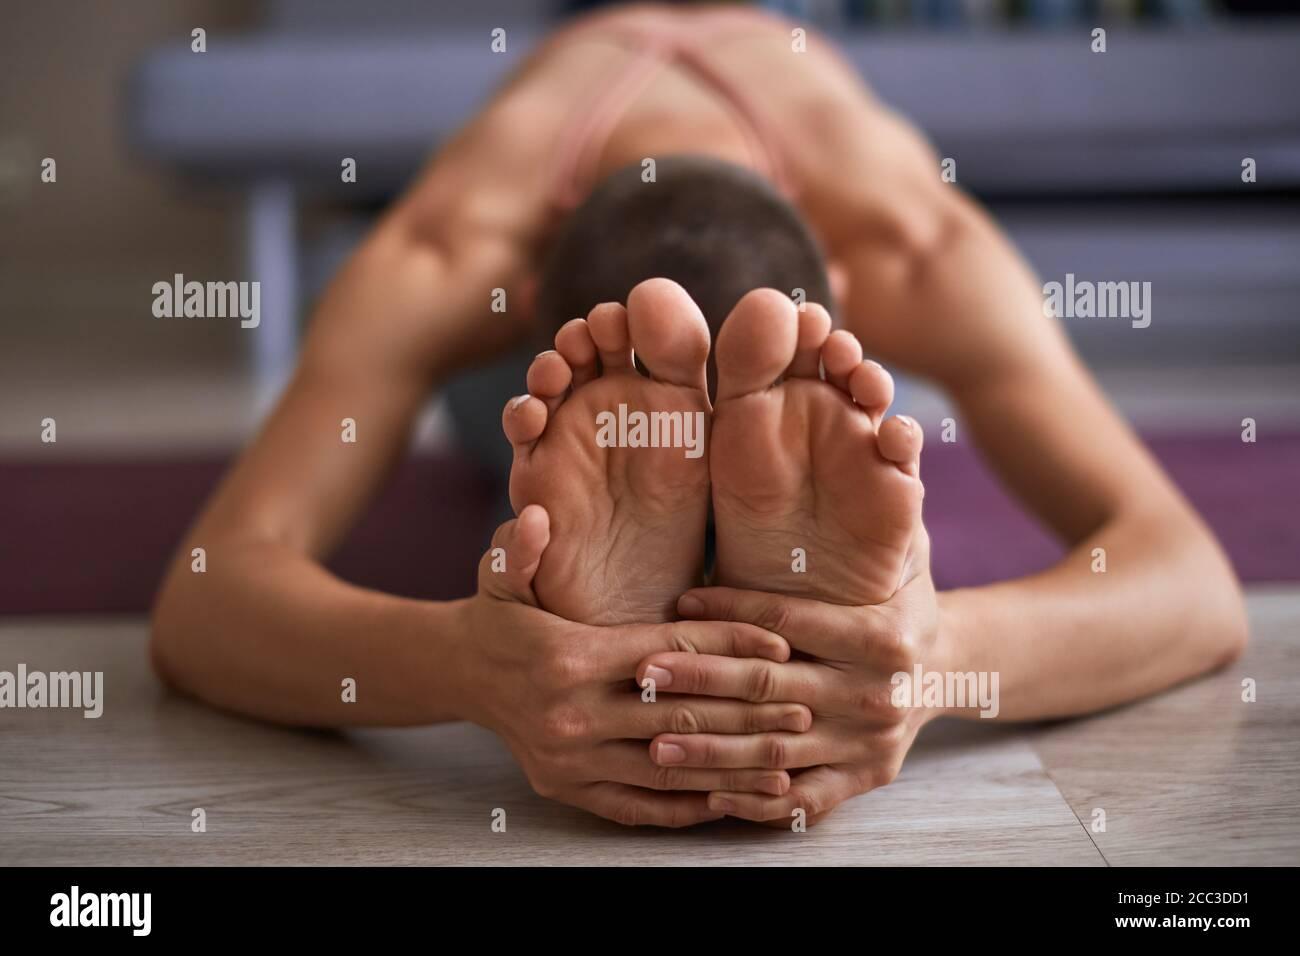 Cerca de los pies femeninos, mientras que el estiramiento de la alfombrilla. Estiramiento sentado en ejercicio de inclinación hacia adelante, paschimottanasana pose. Mujer vestida en ropa deportiva Foto de stock